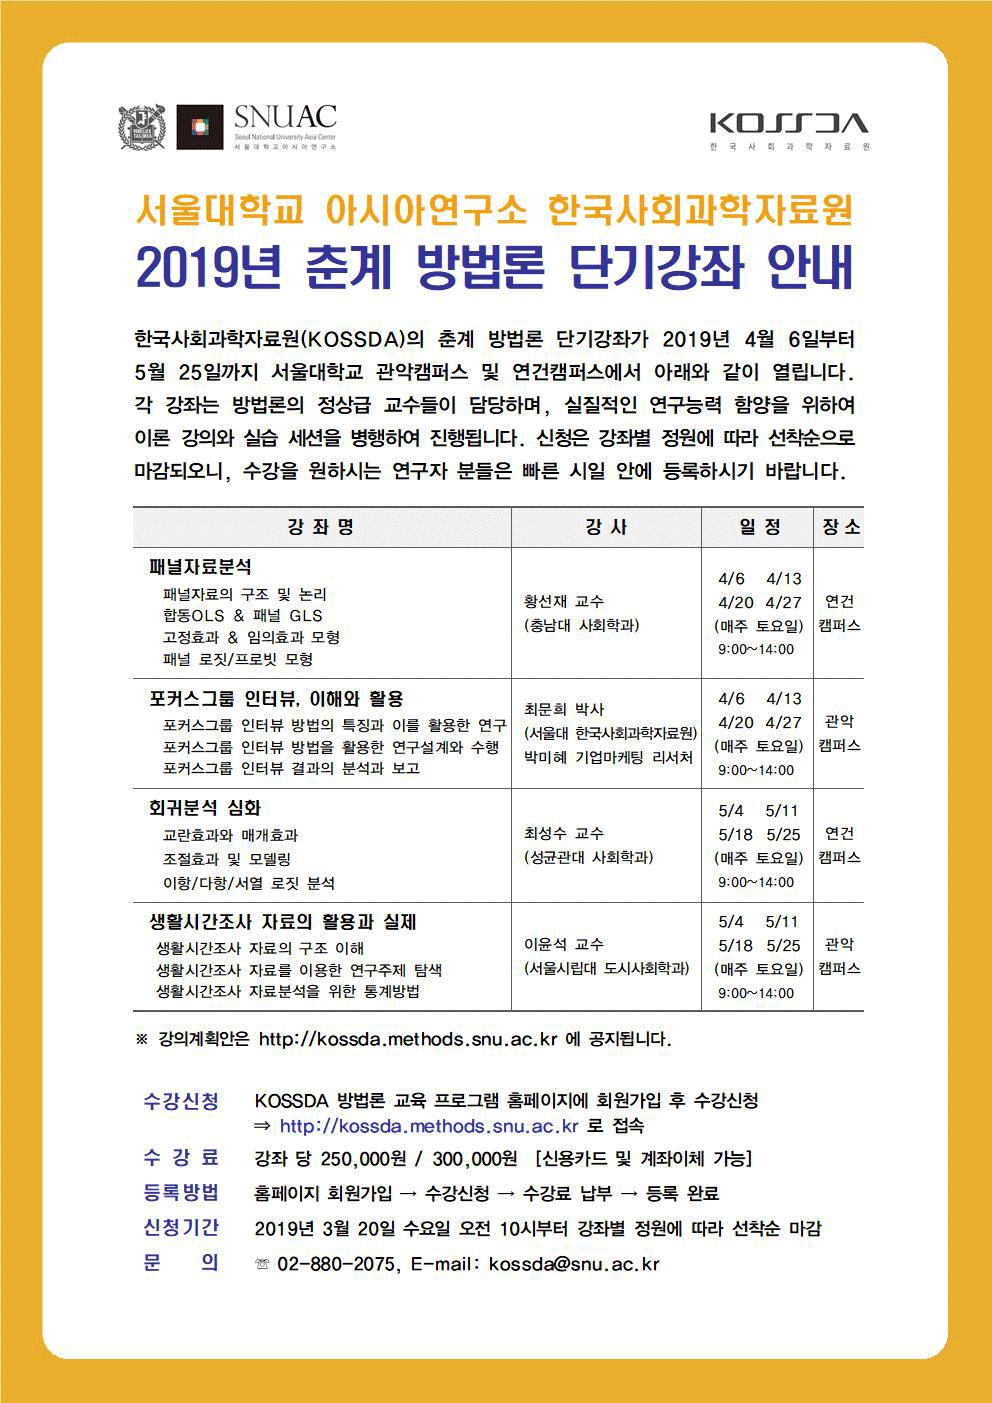 [공지] 2019 KOSSDA 춘계 방법론 워크숍